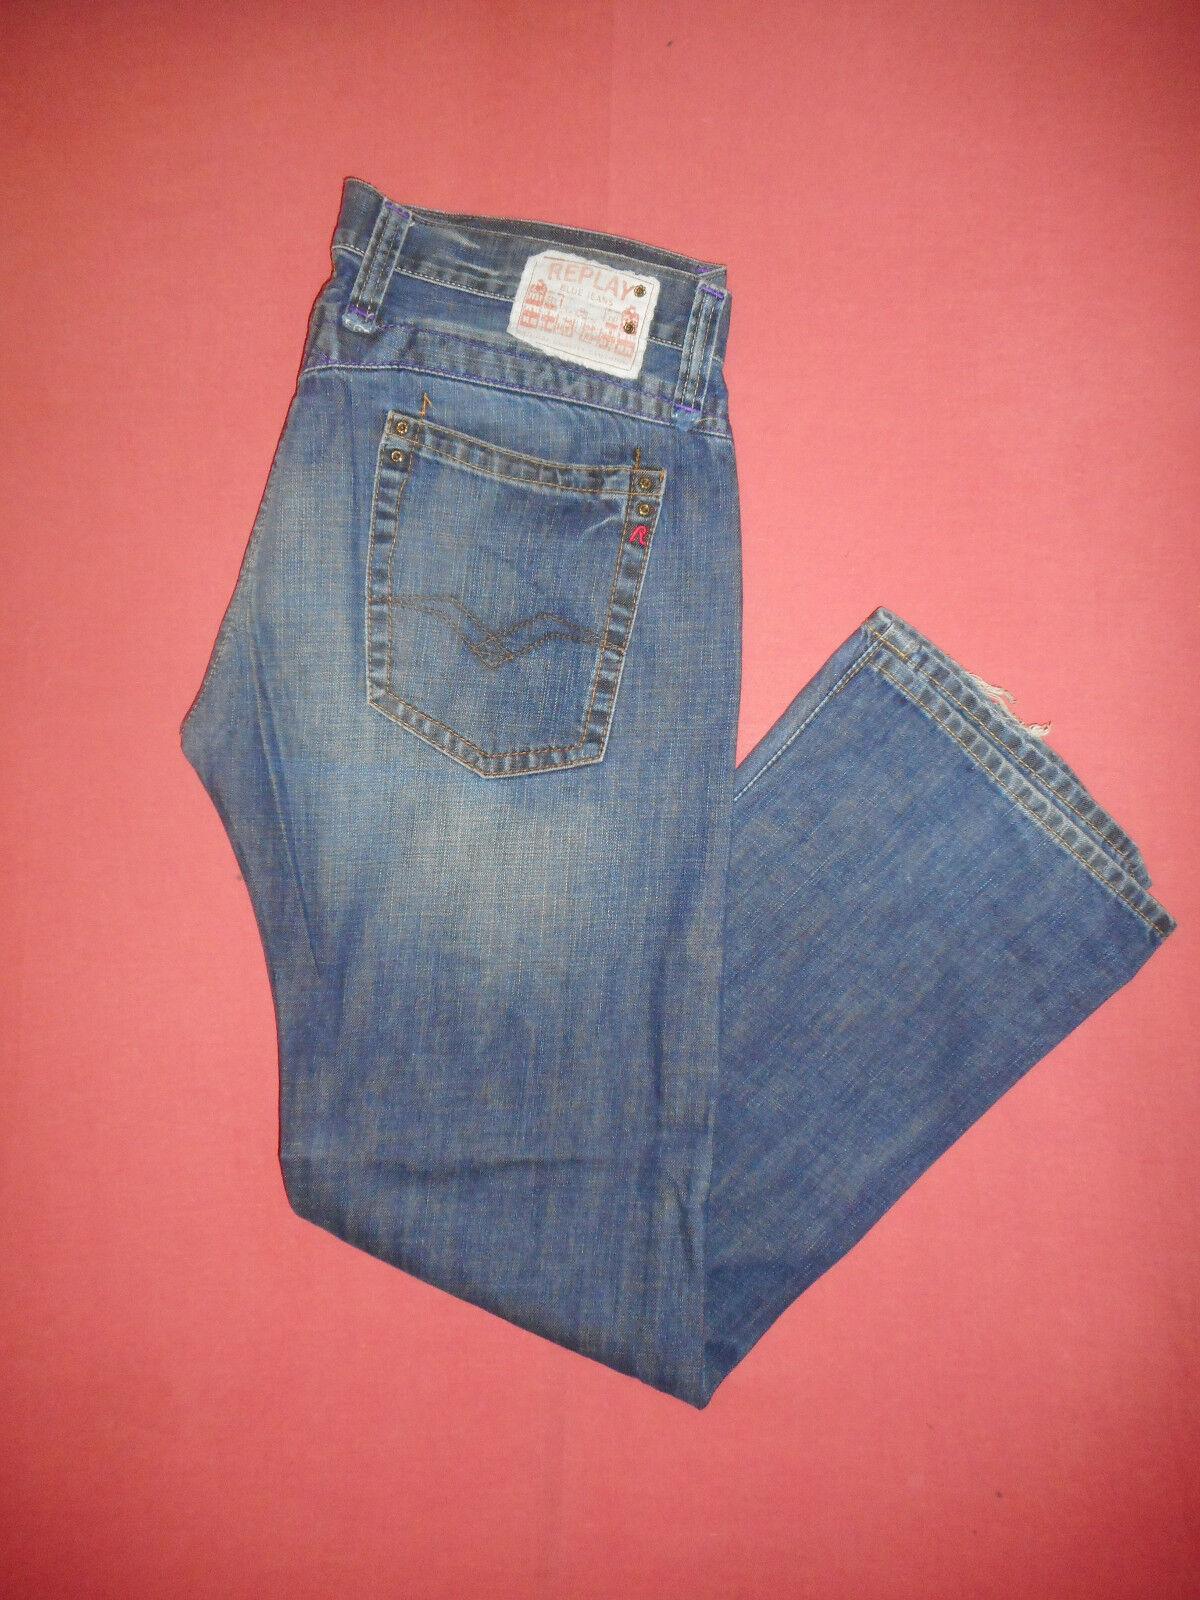 Replay MV 950A,034  Waist 36 Leg 33  Mens bluee Denim Jeans  B648